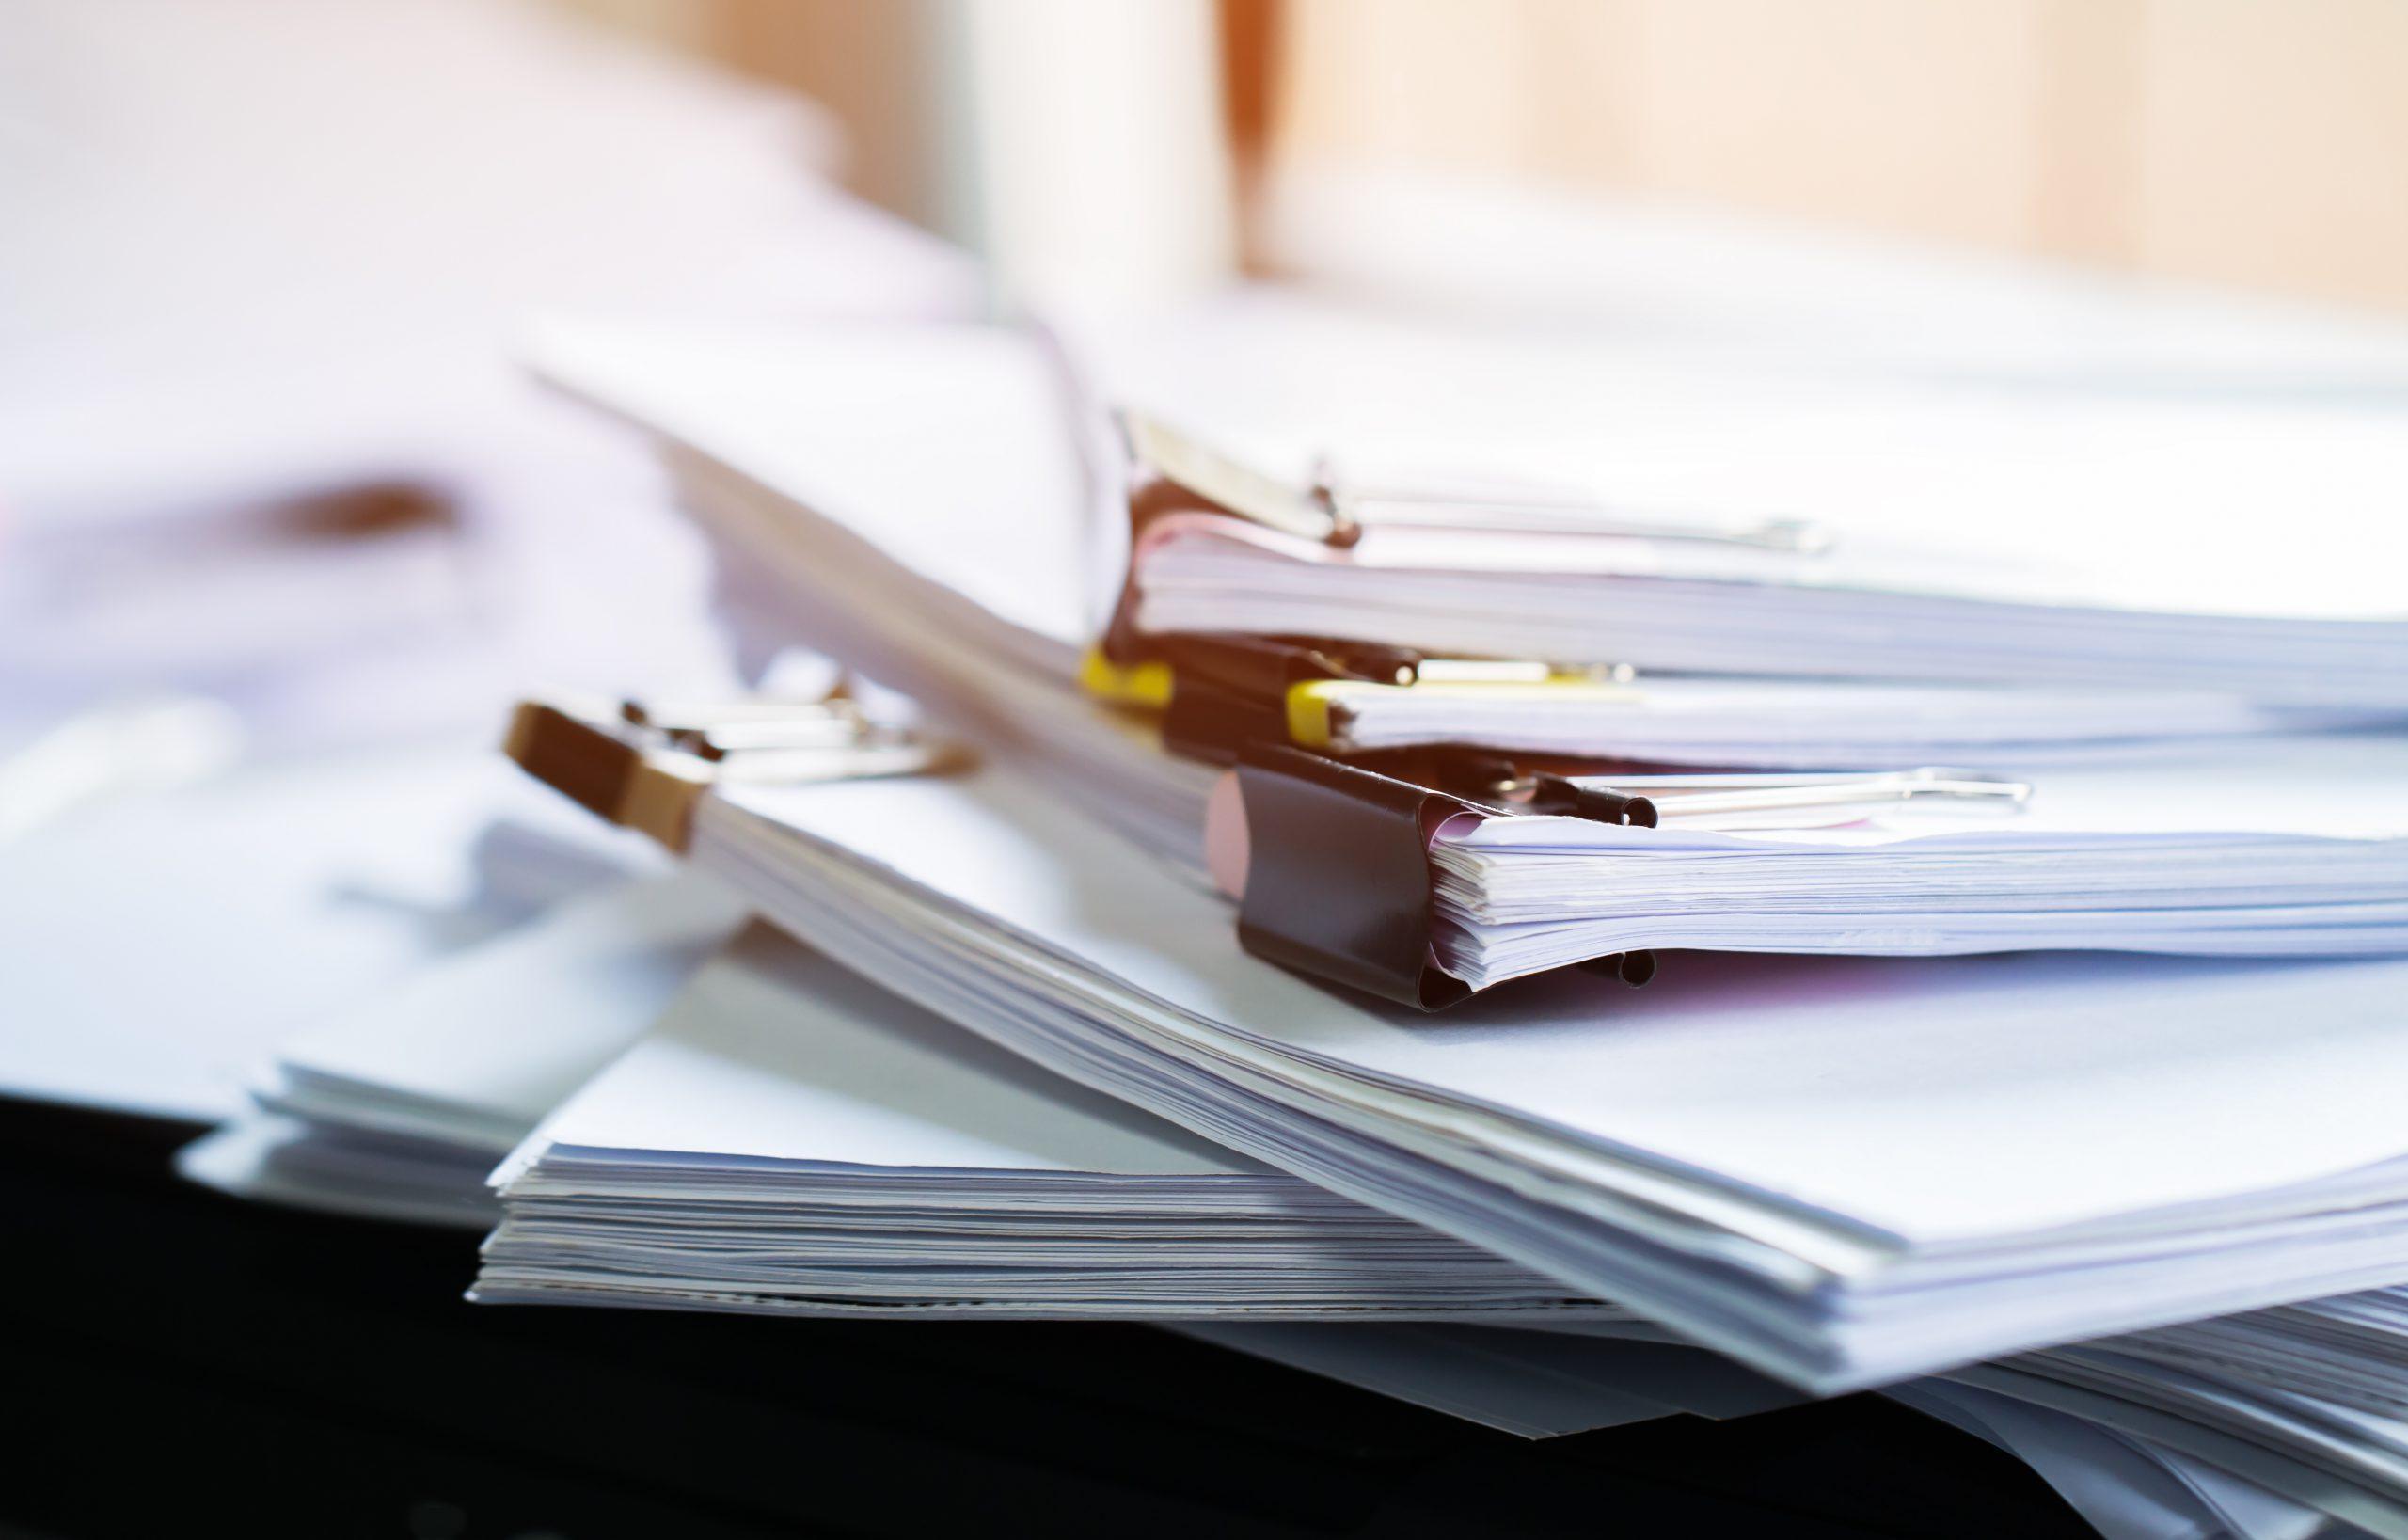 紙業務の多い業界必見!紙業務のリスクとブラックボックス化の問題について